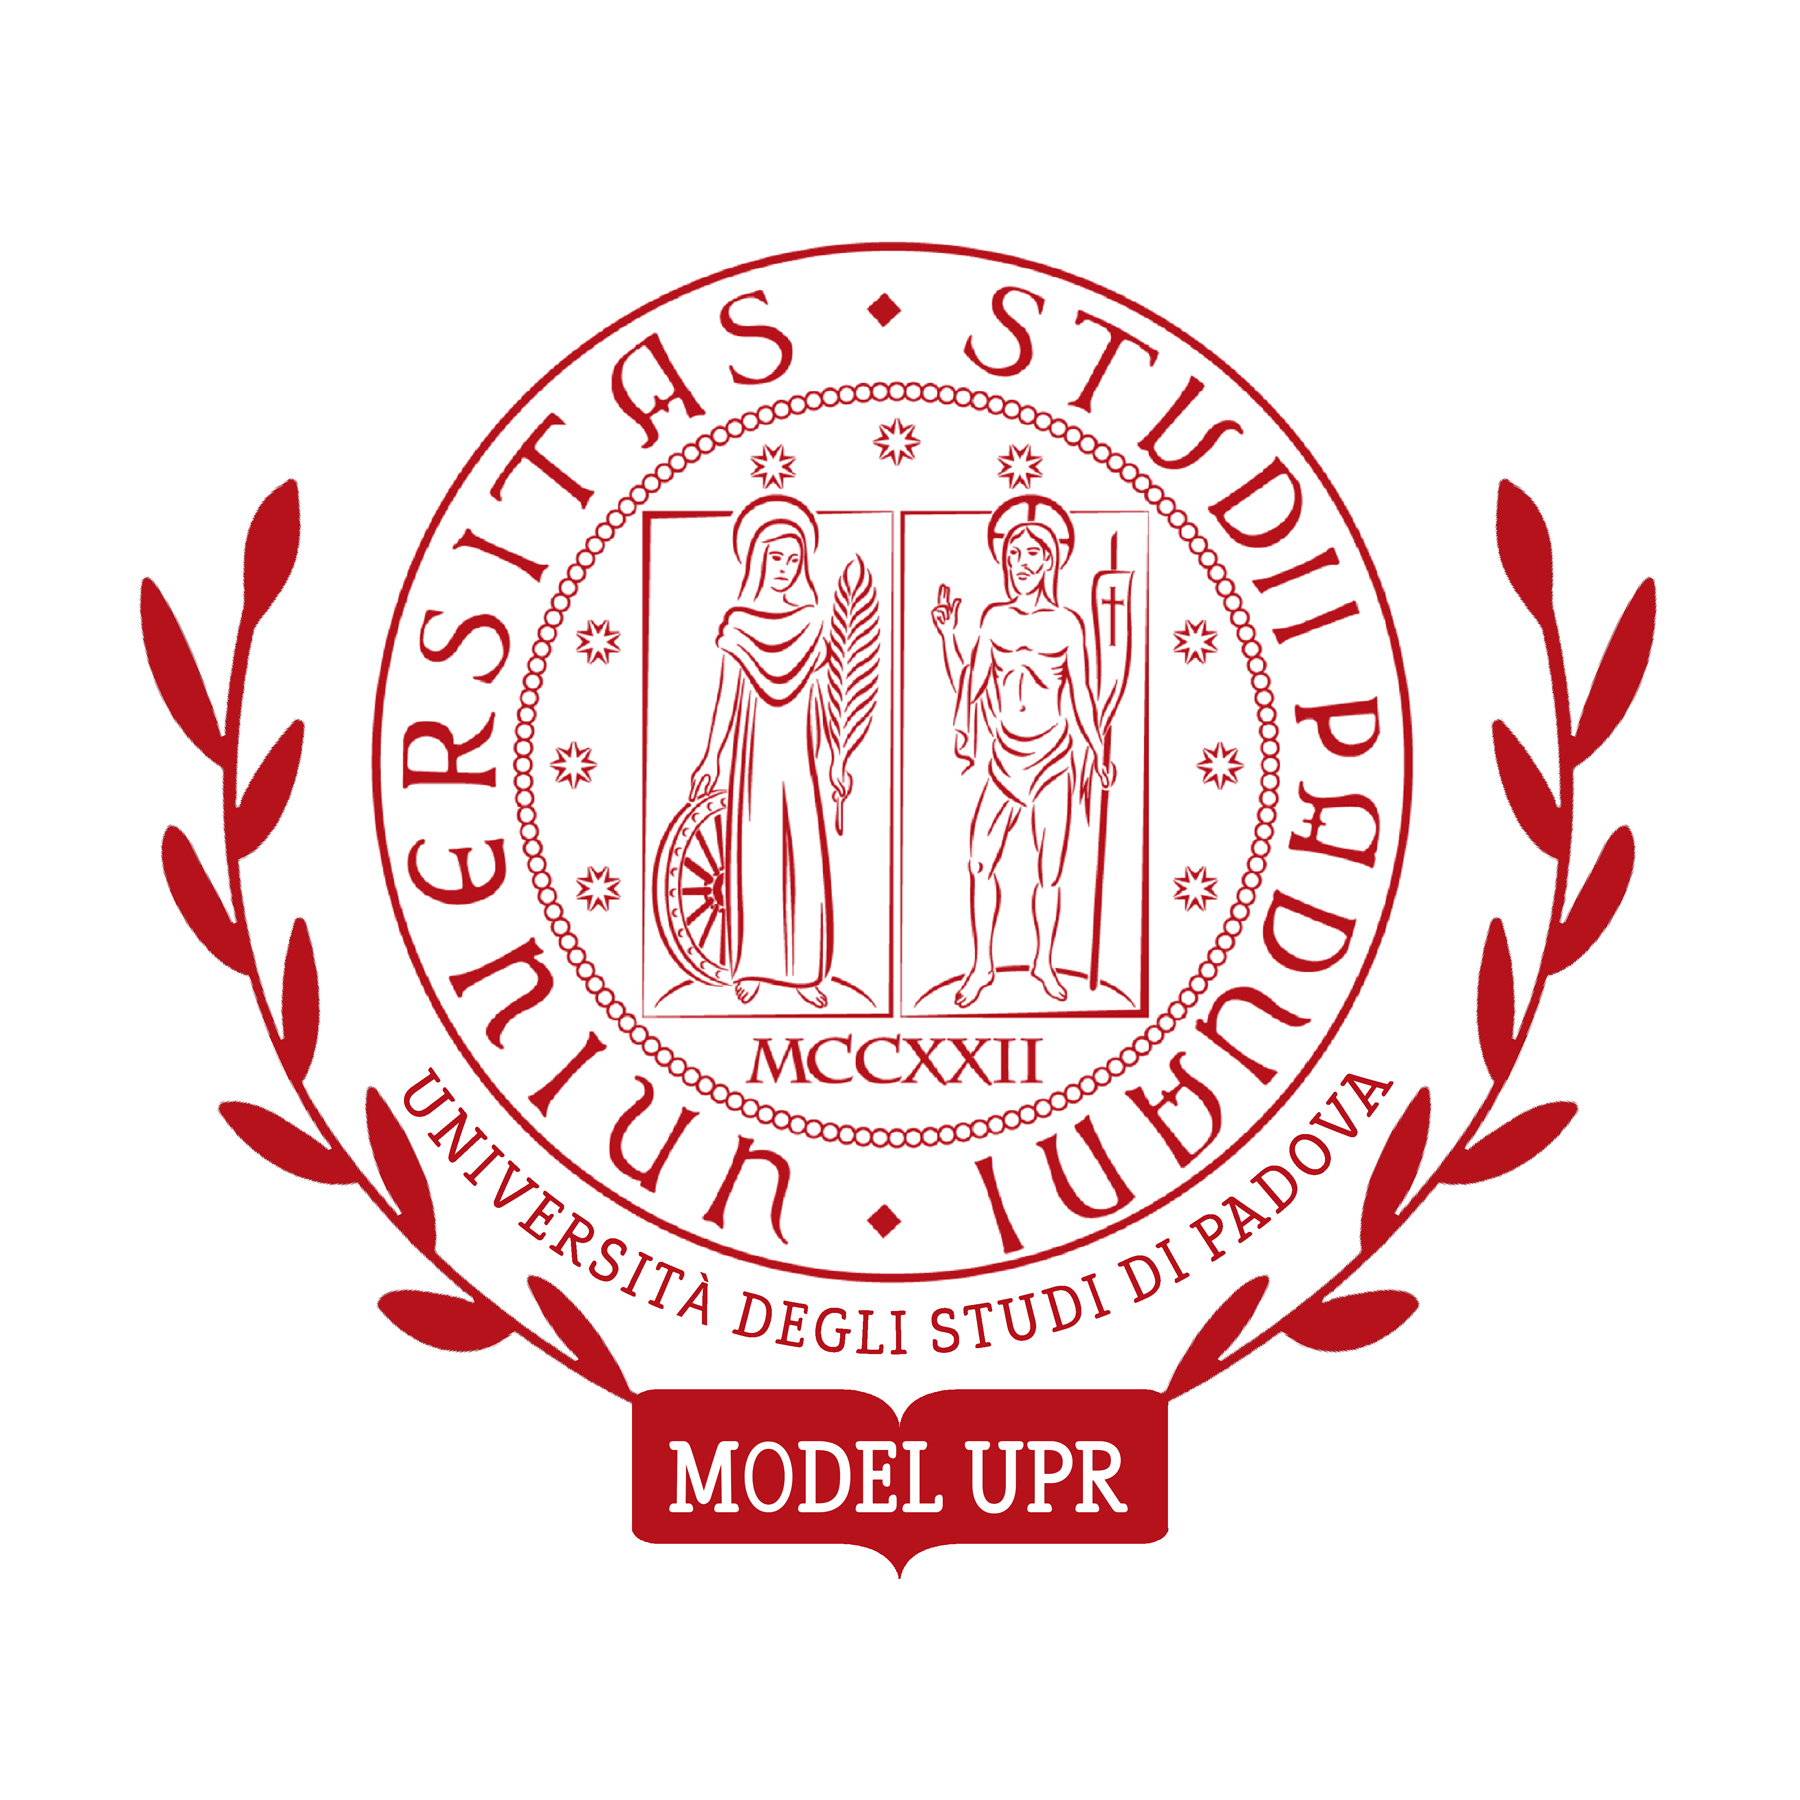 Padova Model UPR 27 al 29 novembre 2019